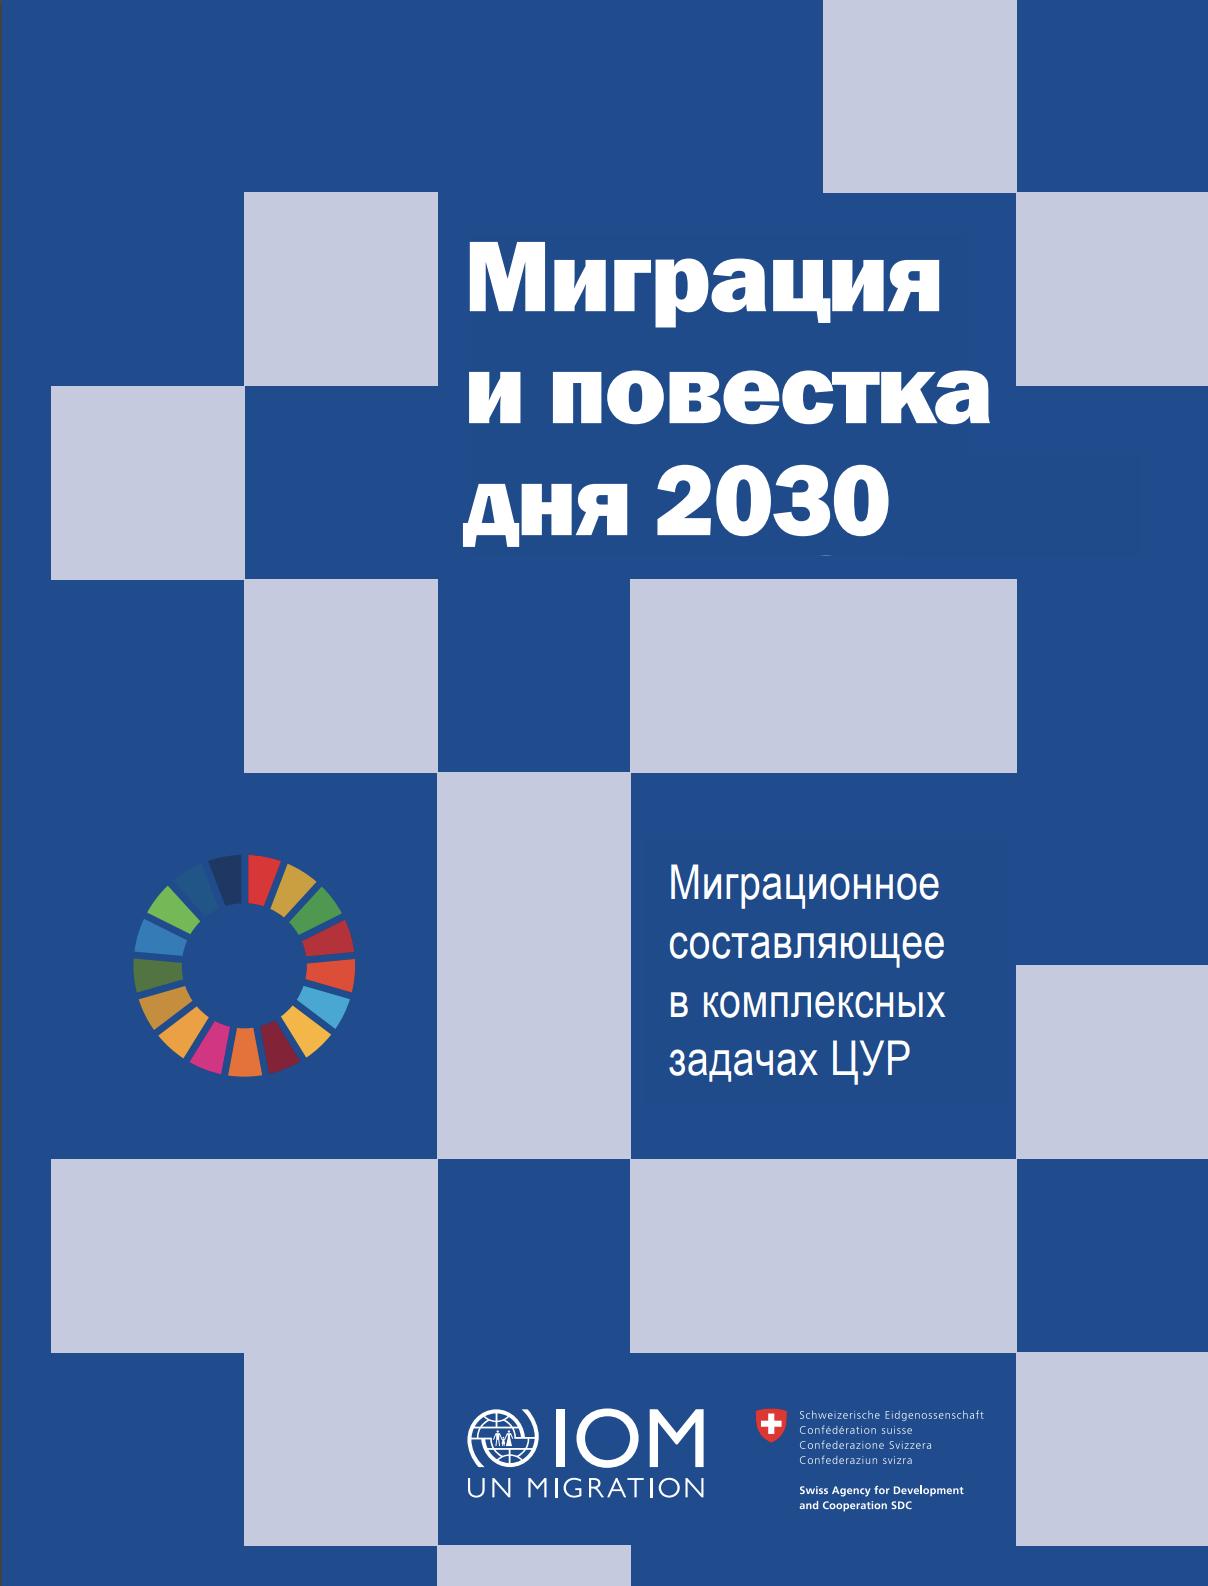 Миграция жана күн тартиби 2030